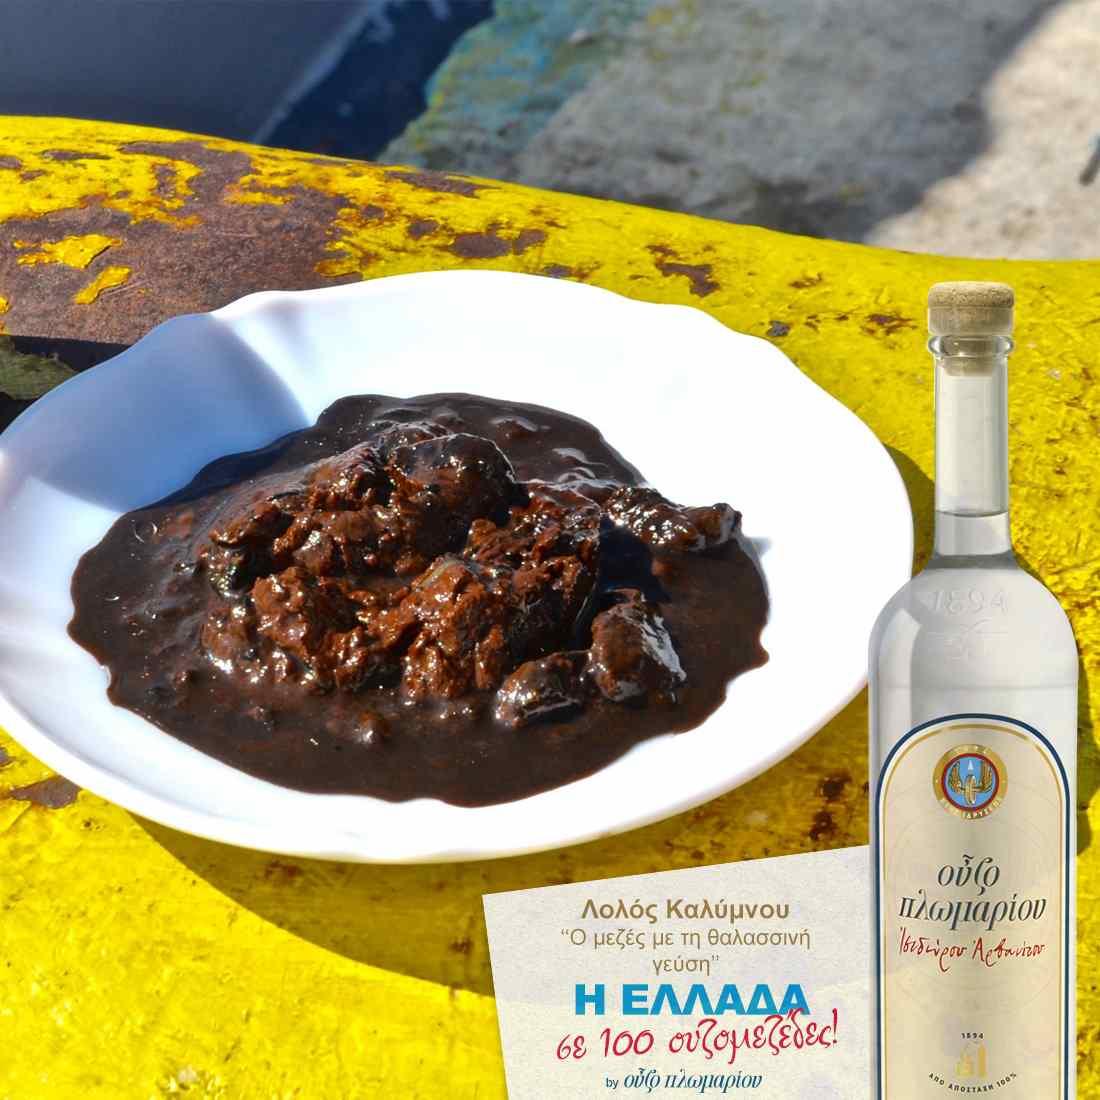 Λολός Καλύμνου - Ουζομεζέδες - Greek Gastronomy Guide